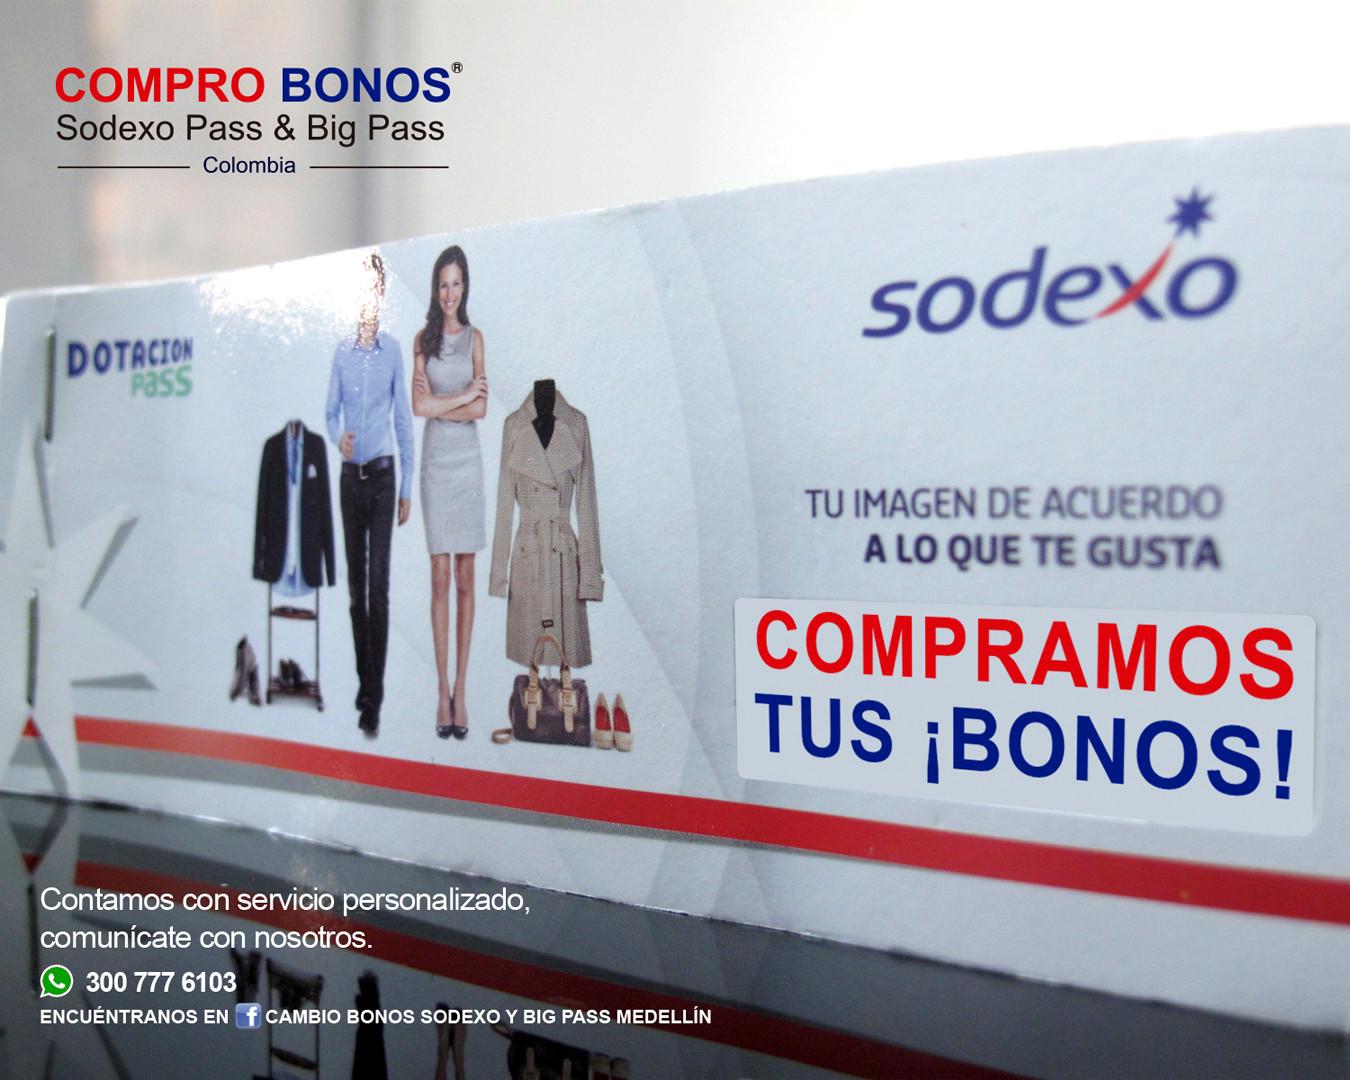 Compramos tus bonos Sodexo y Big Pass